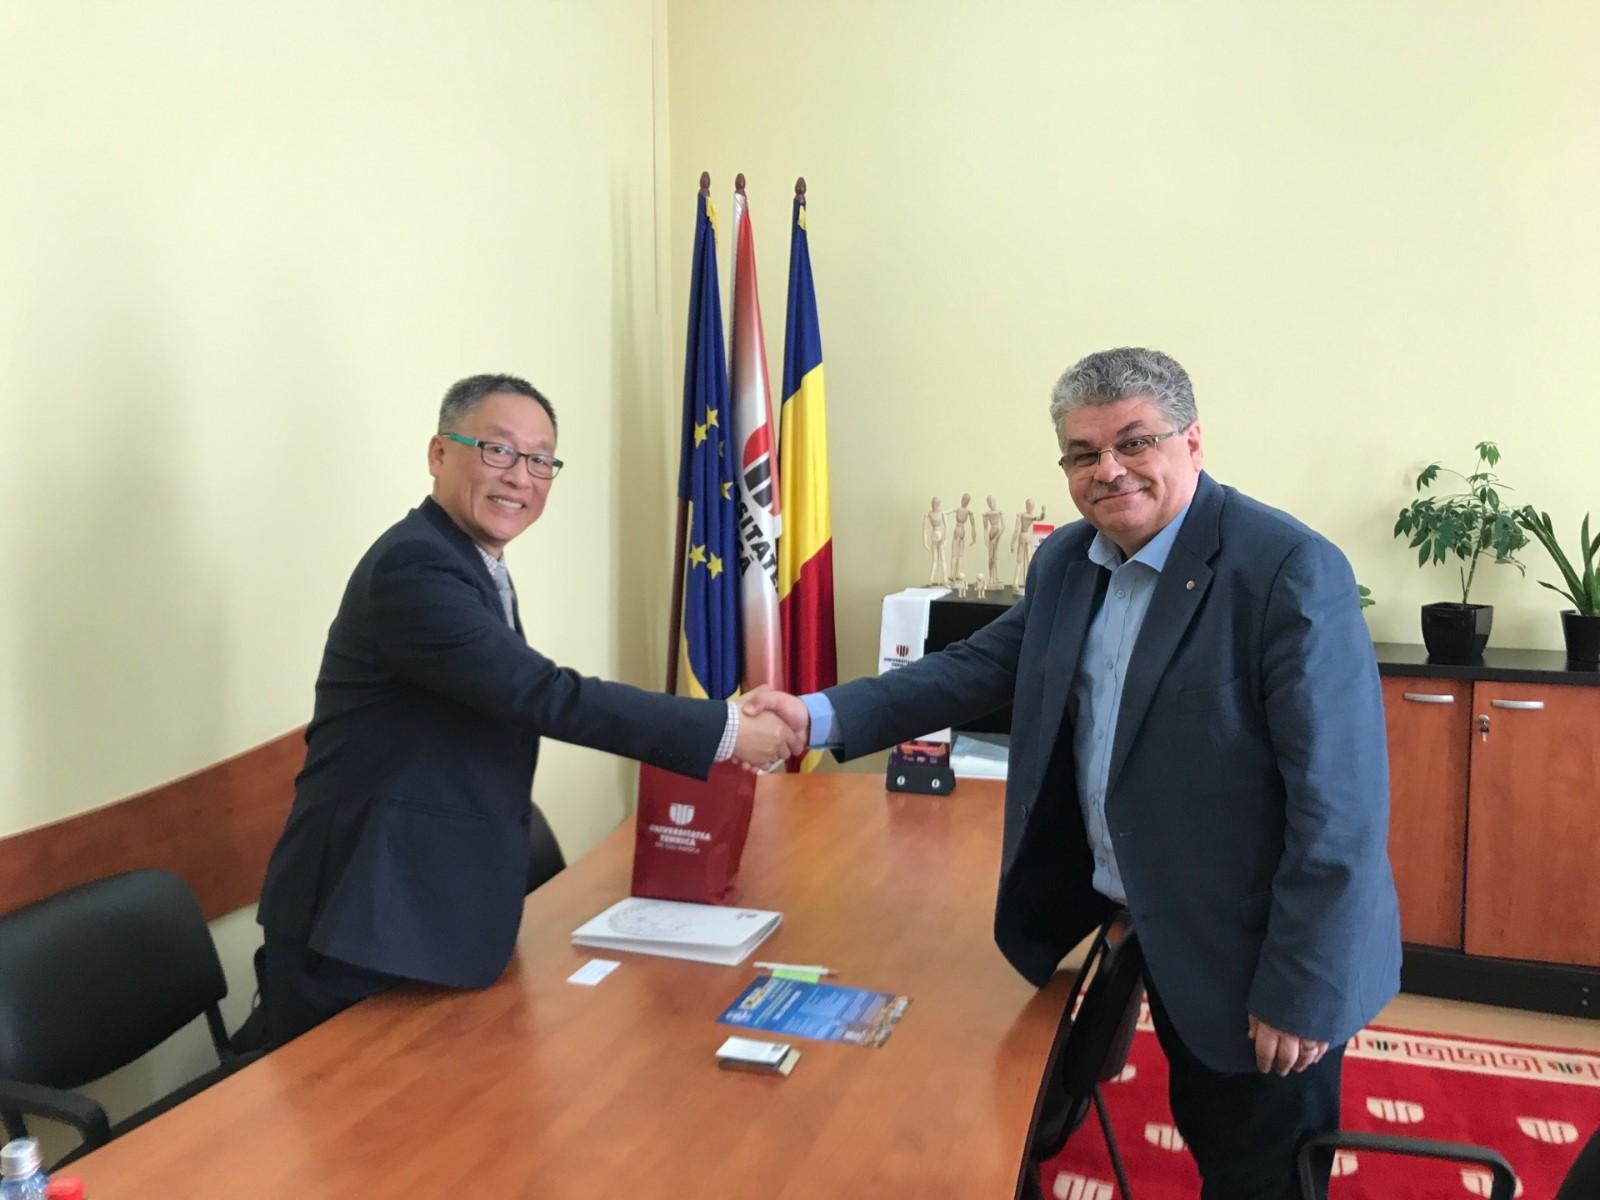 林康平特聘教授(圖左)以IFMBE秘書長身分與羅馬尼亞衛生單位政府官員交流.JPG